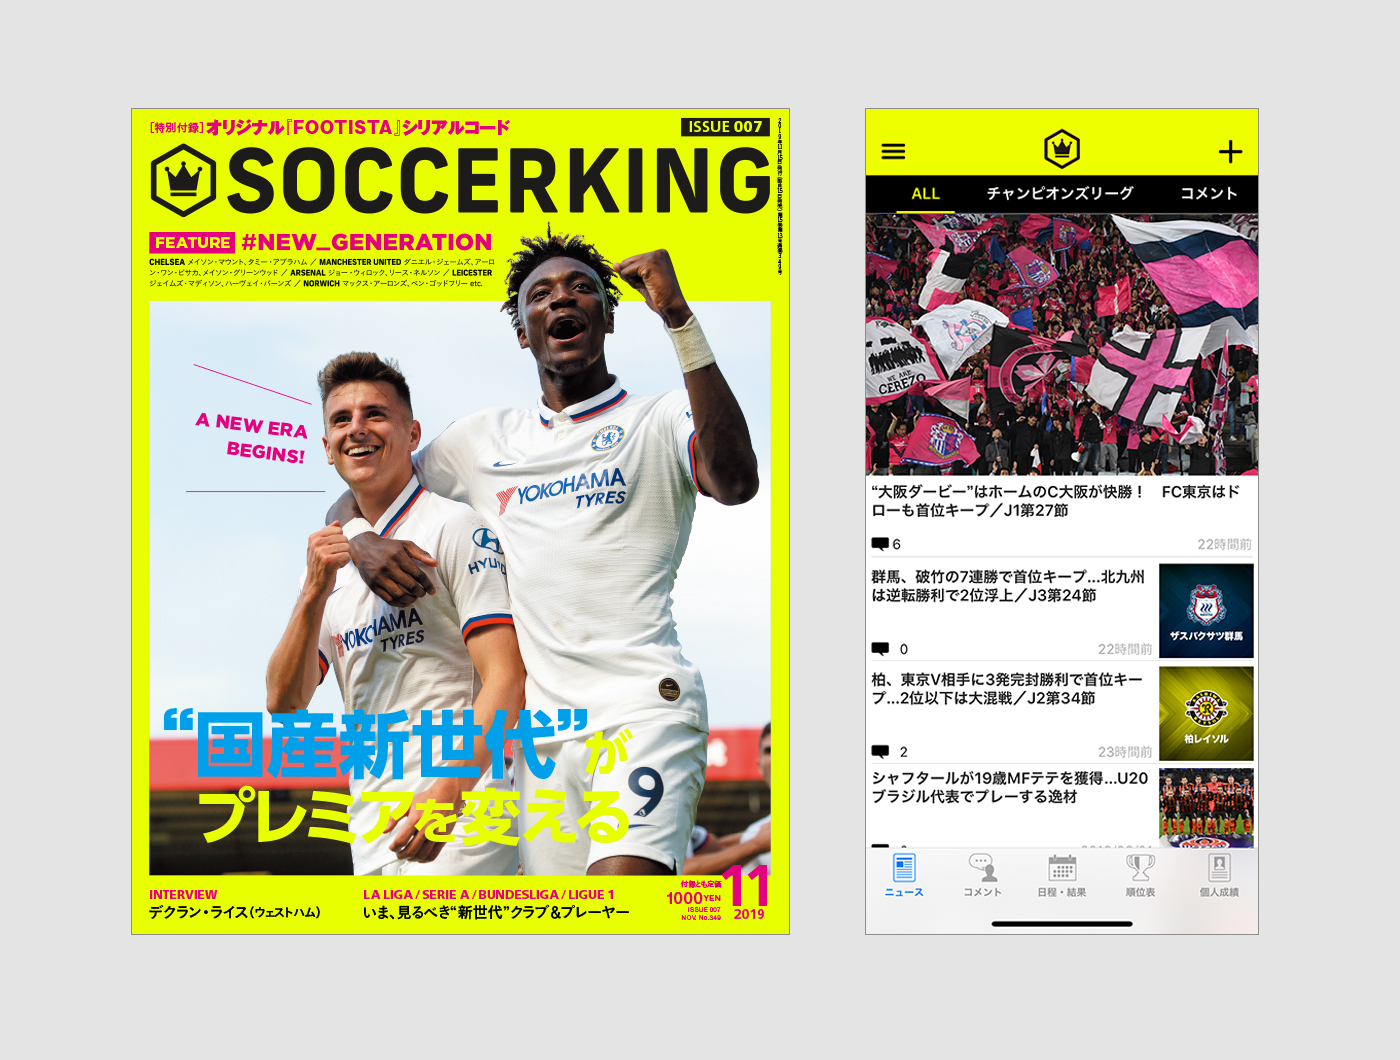 SOCCERKING(Magazine / APP)